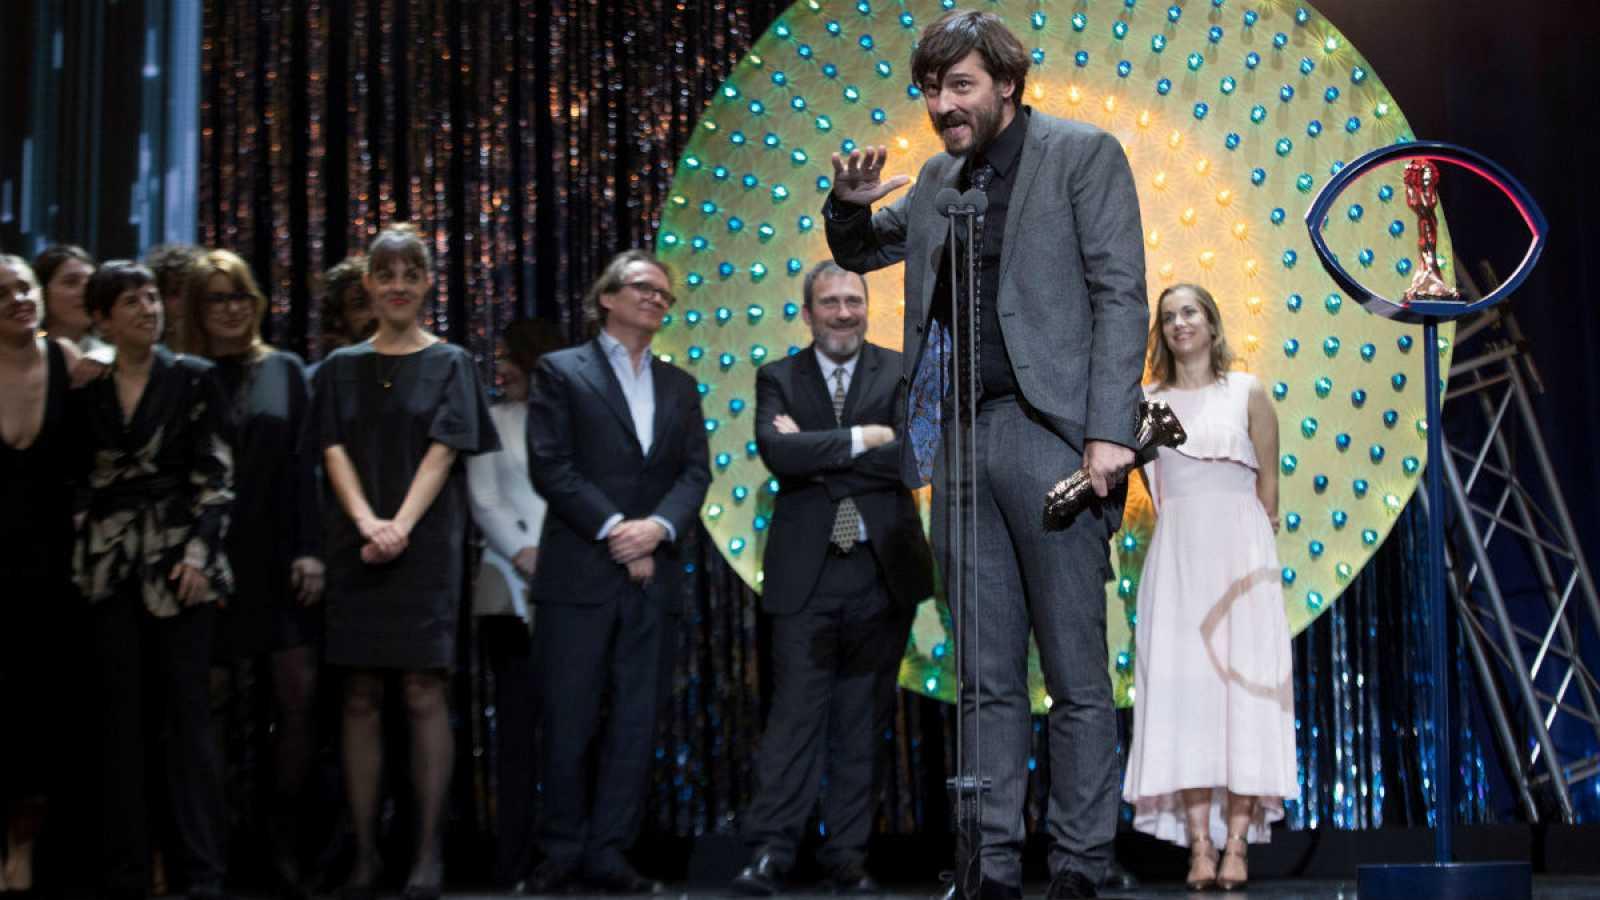 El director Carlos Marqués-Marcet recibe el Premio Gaudí a la mejor película por 'Els dies que vindran', durante la entrega de los XII Premios Gaudí que concede la Academia del Cine Catalán, en Barcelona.